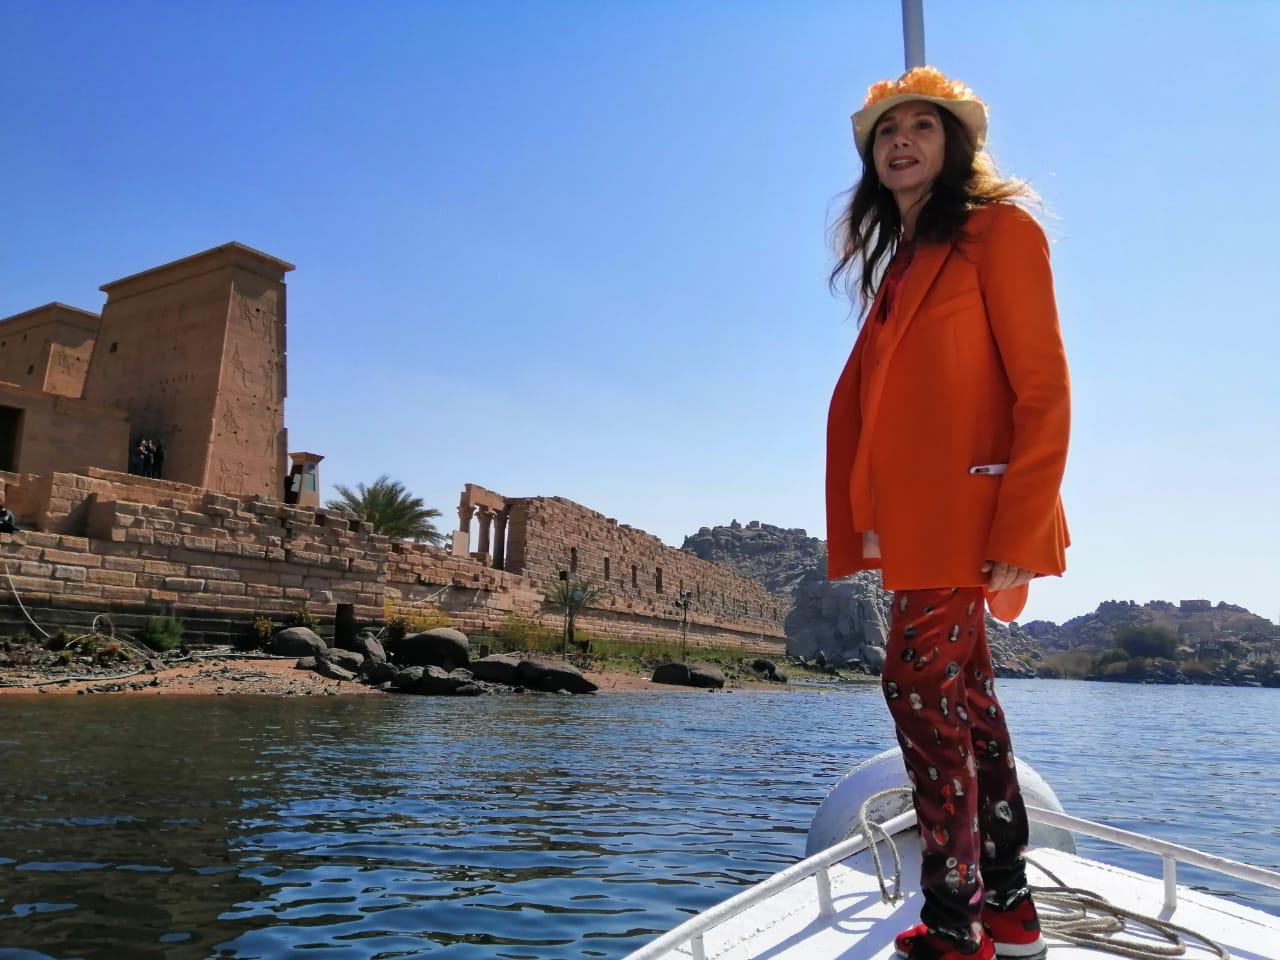 النجمة العالمية فيكتوريا أبرِل في زيارة لمحافظةأسوان بمصر